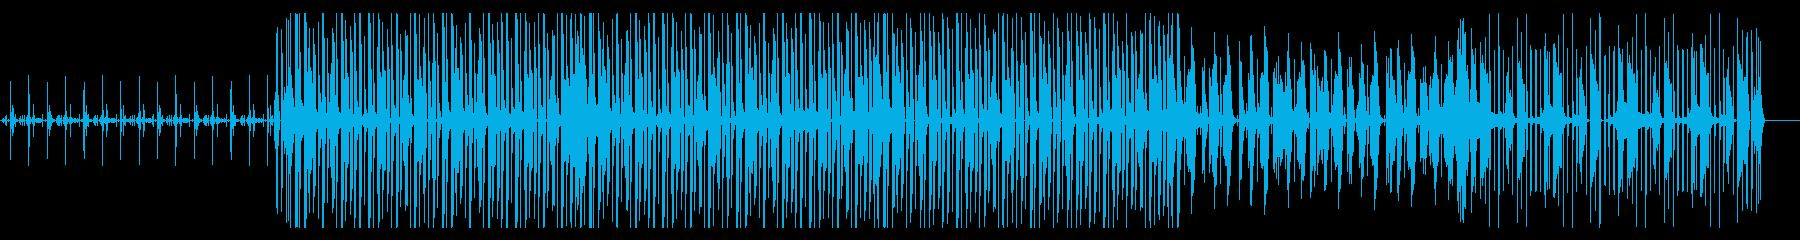 ハウス・洋楽系・お洒落・ユーモア・モダンの再生済みの波形